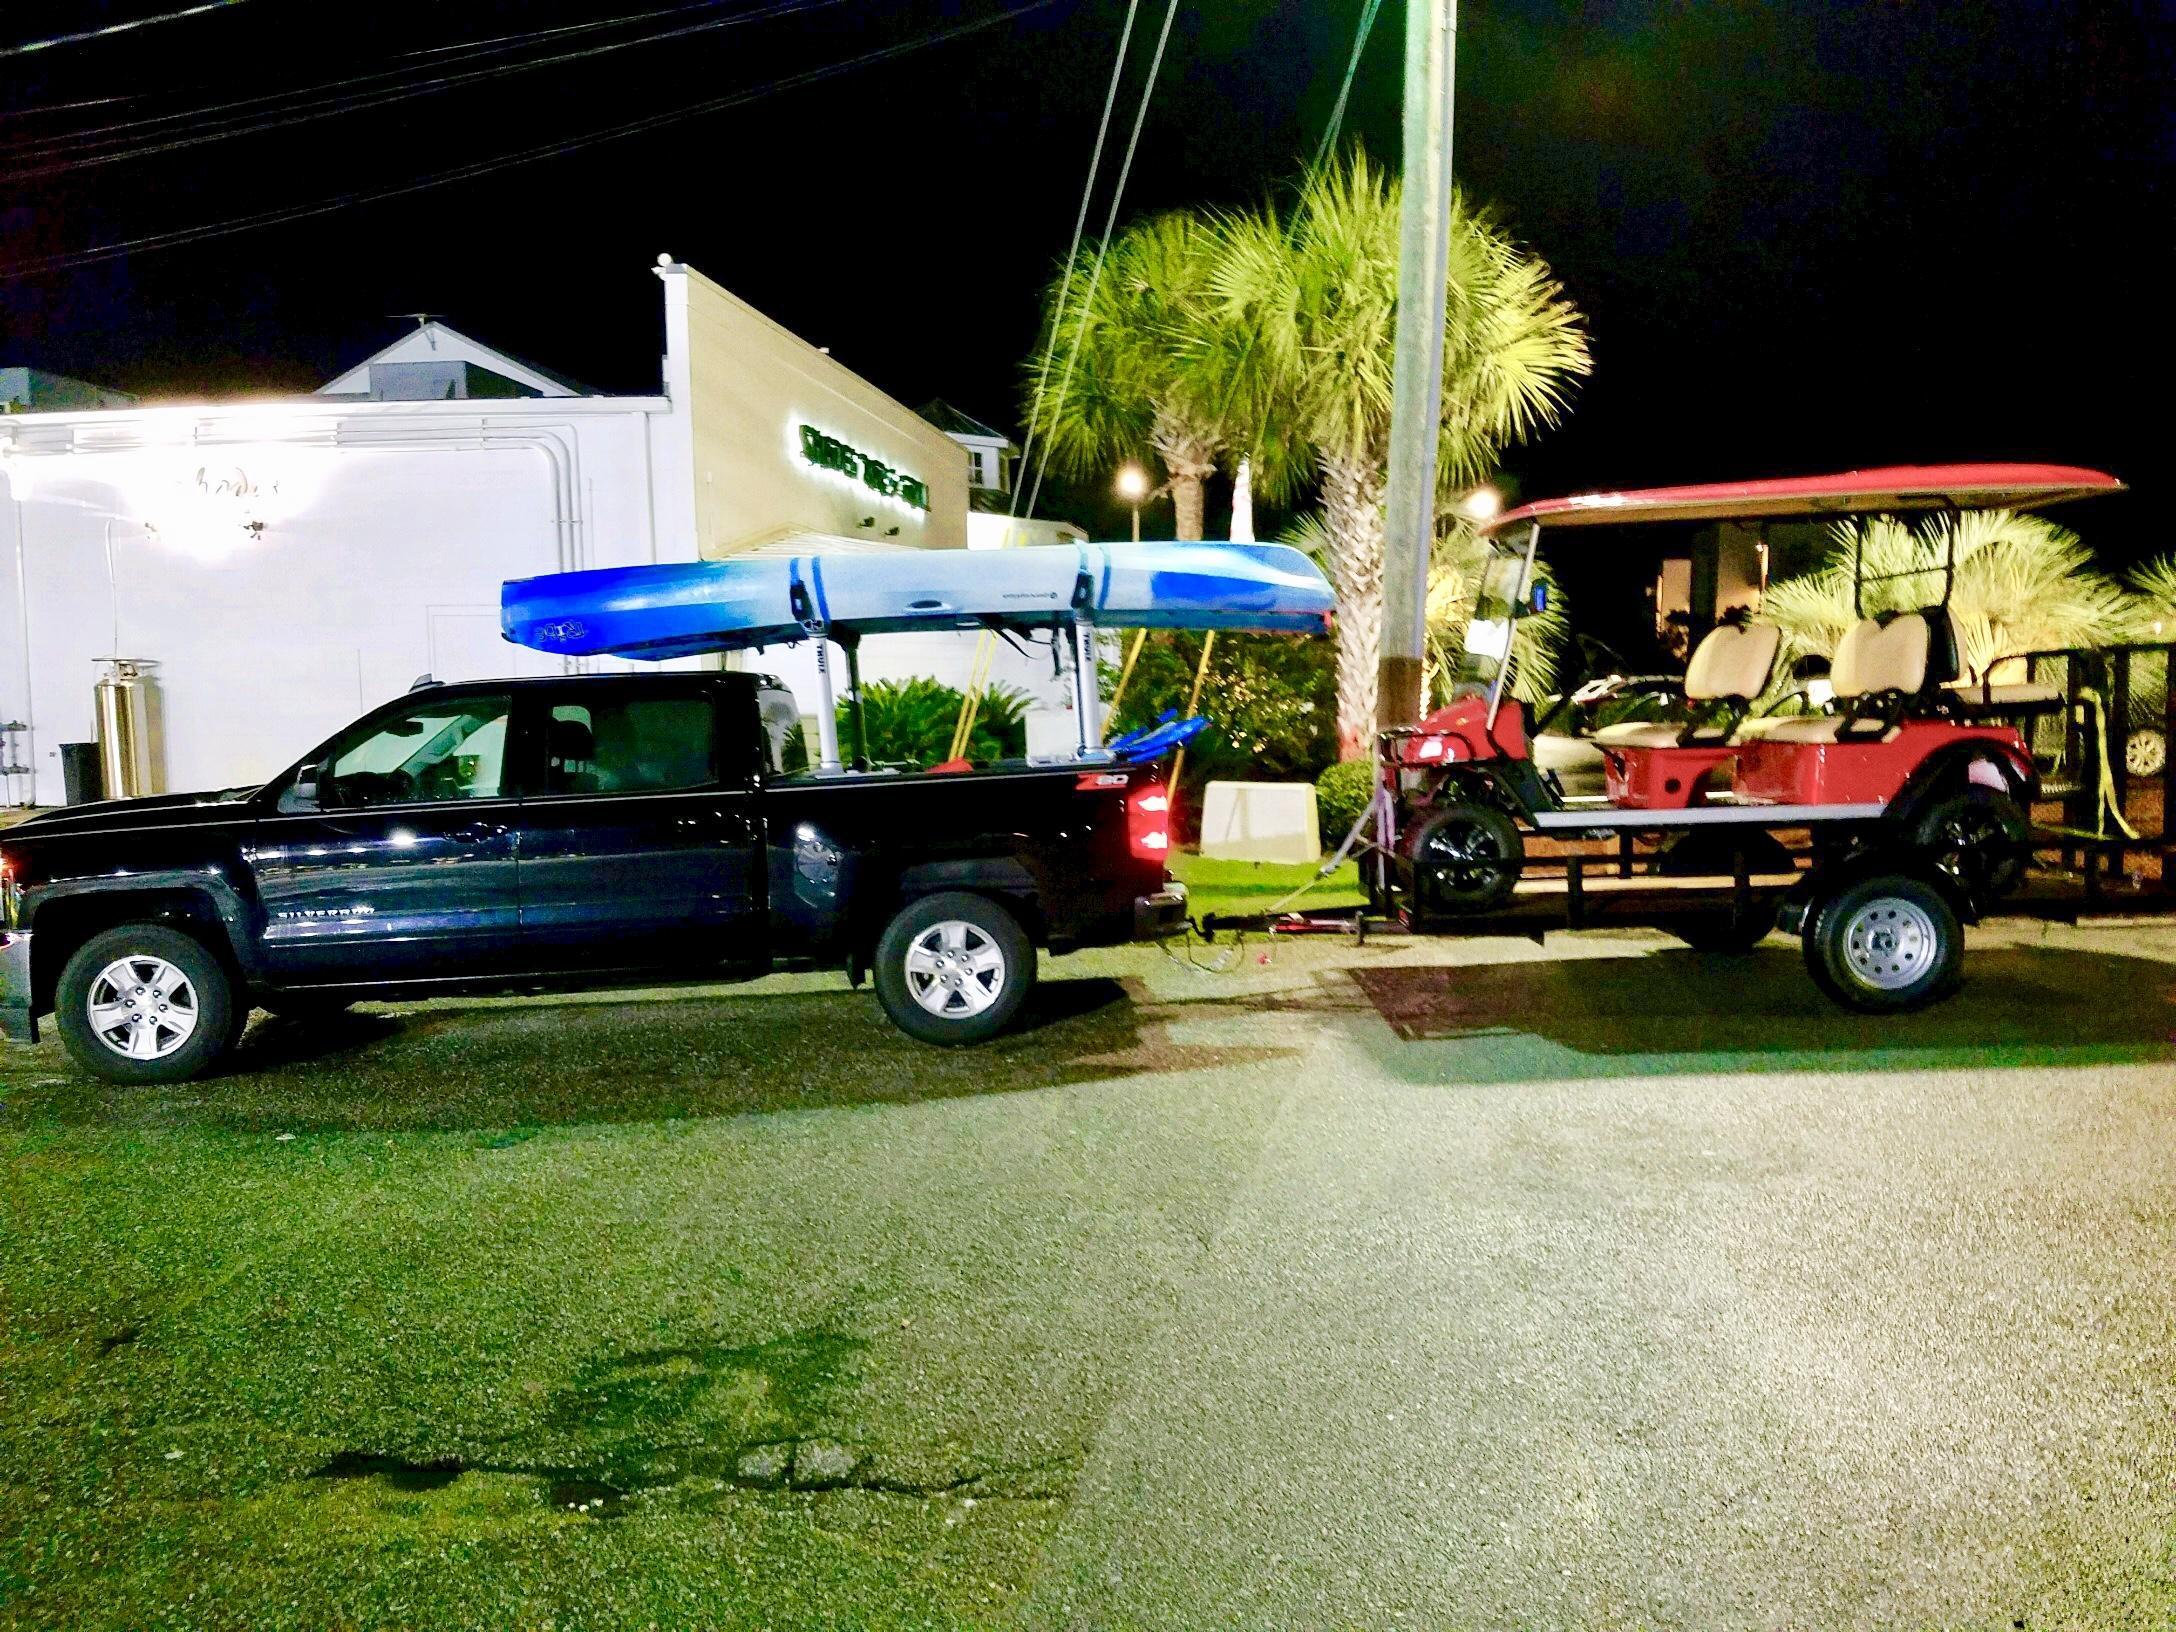 The Rental Shop 30A Golf Cart Rentals